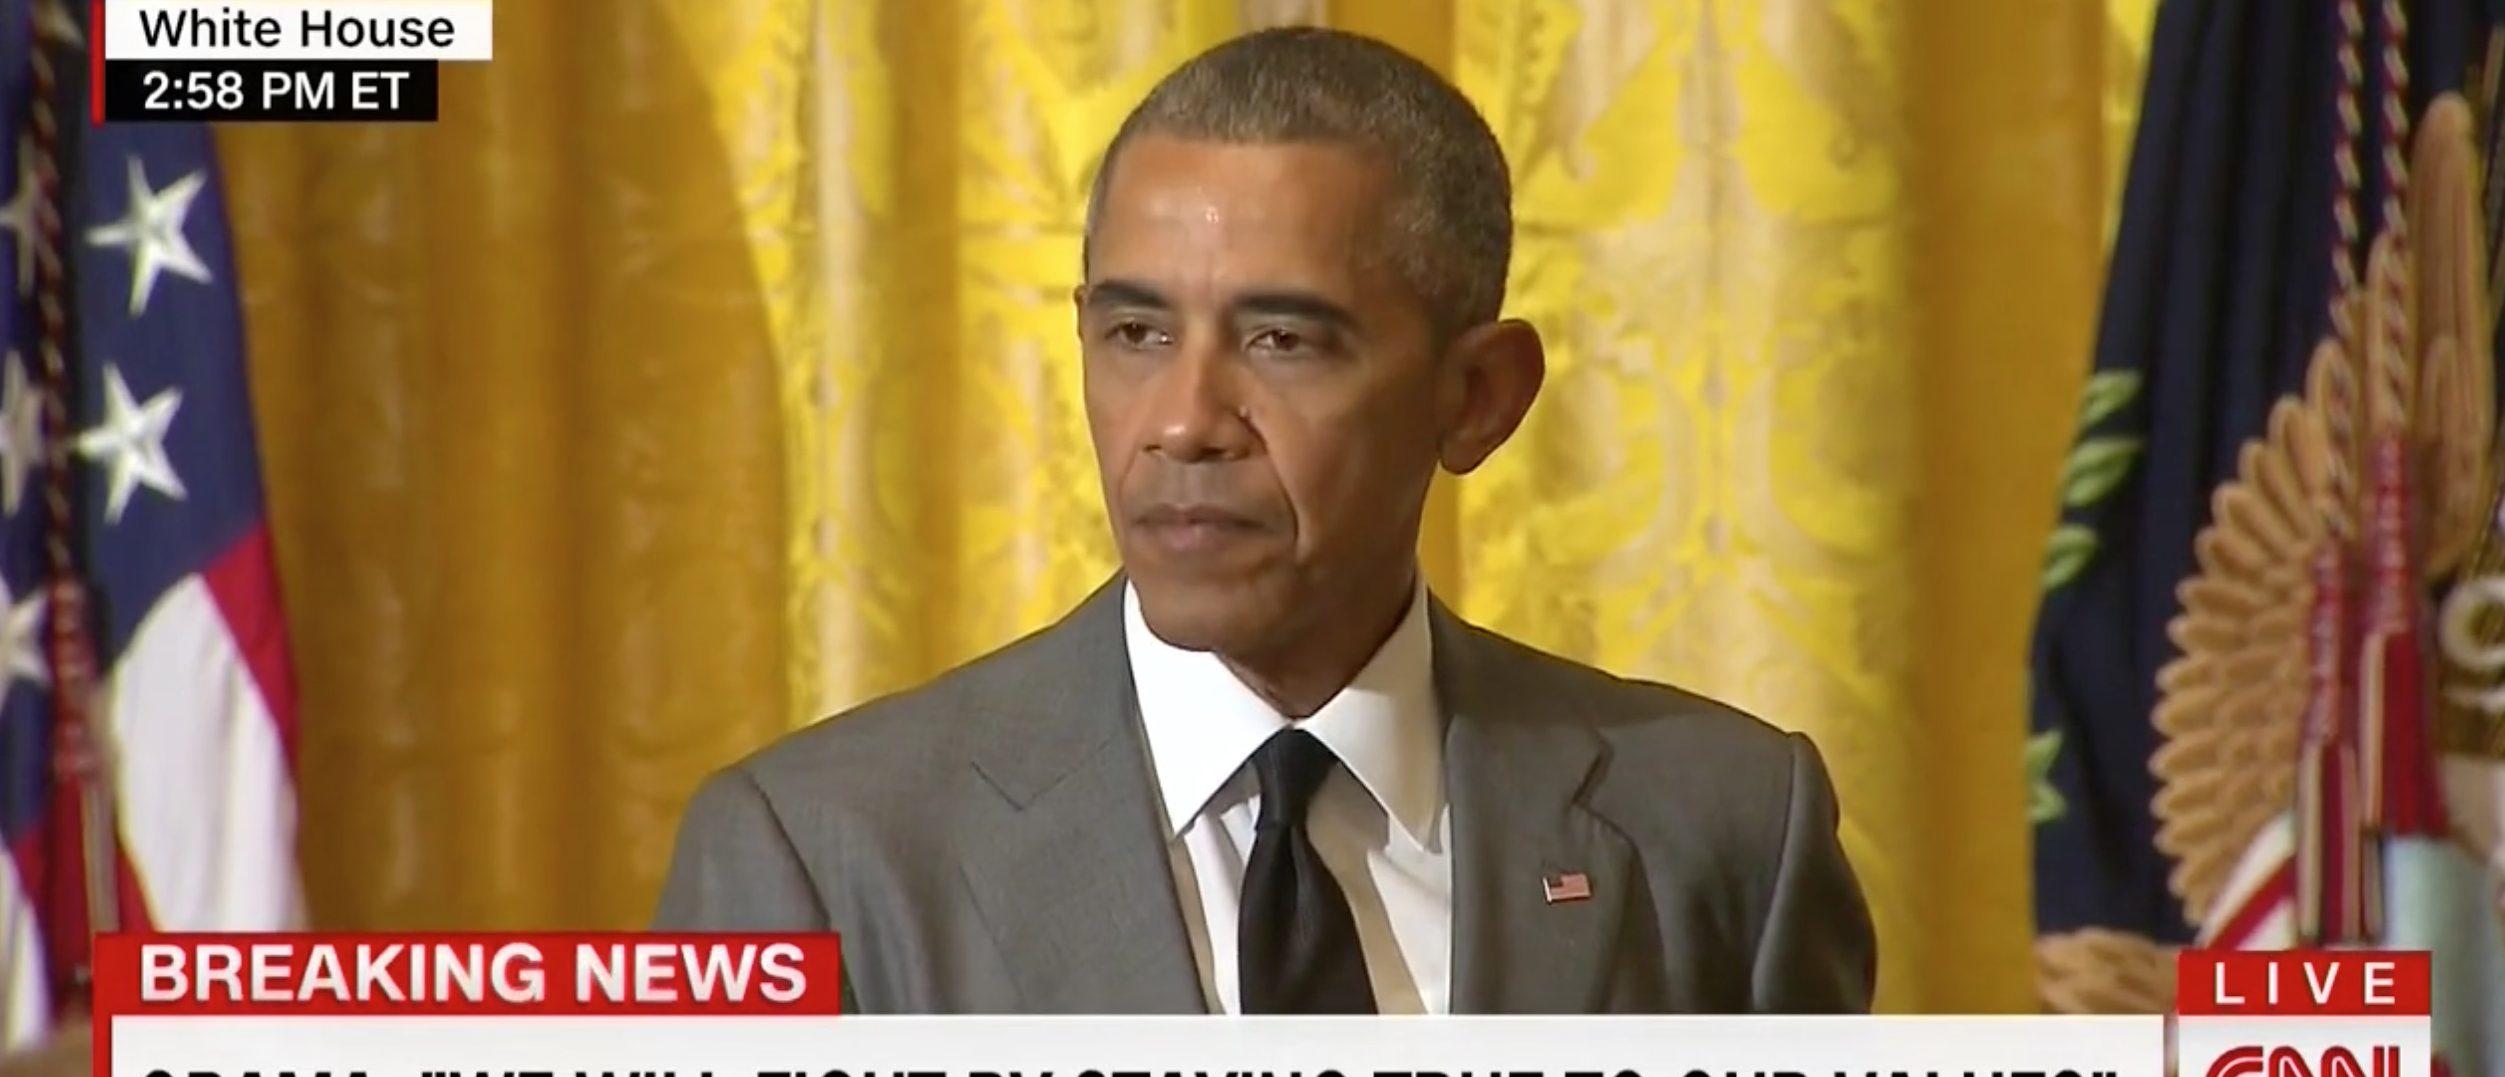 Barack Obama, Screen Grab CNN, 7-15-2016